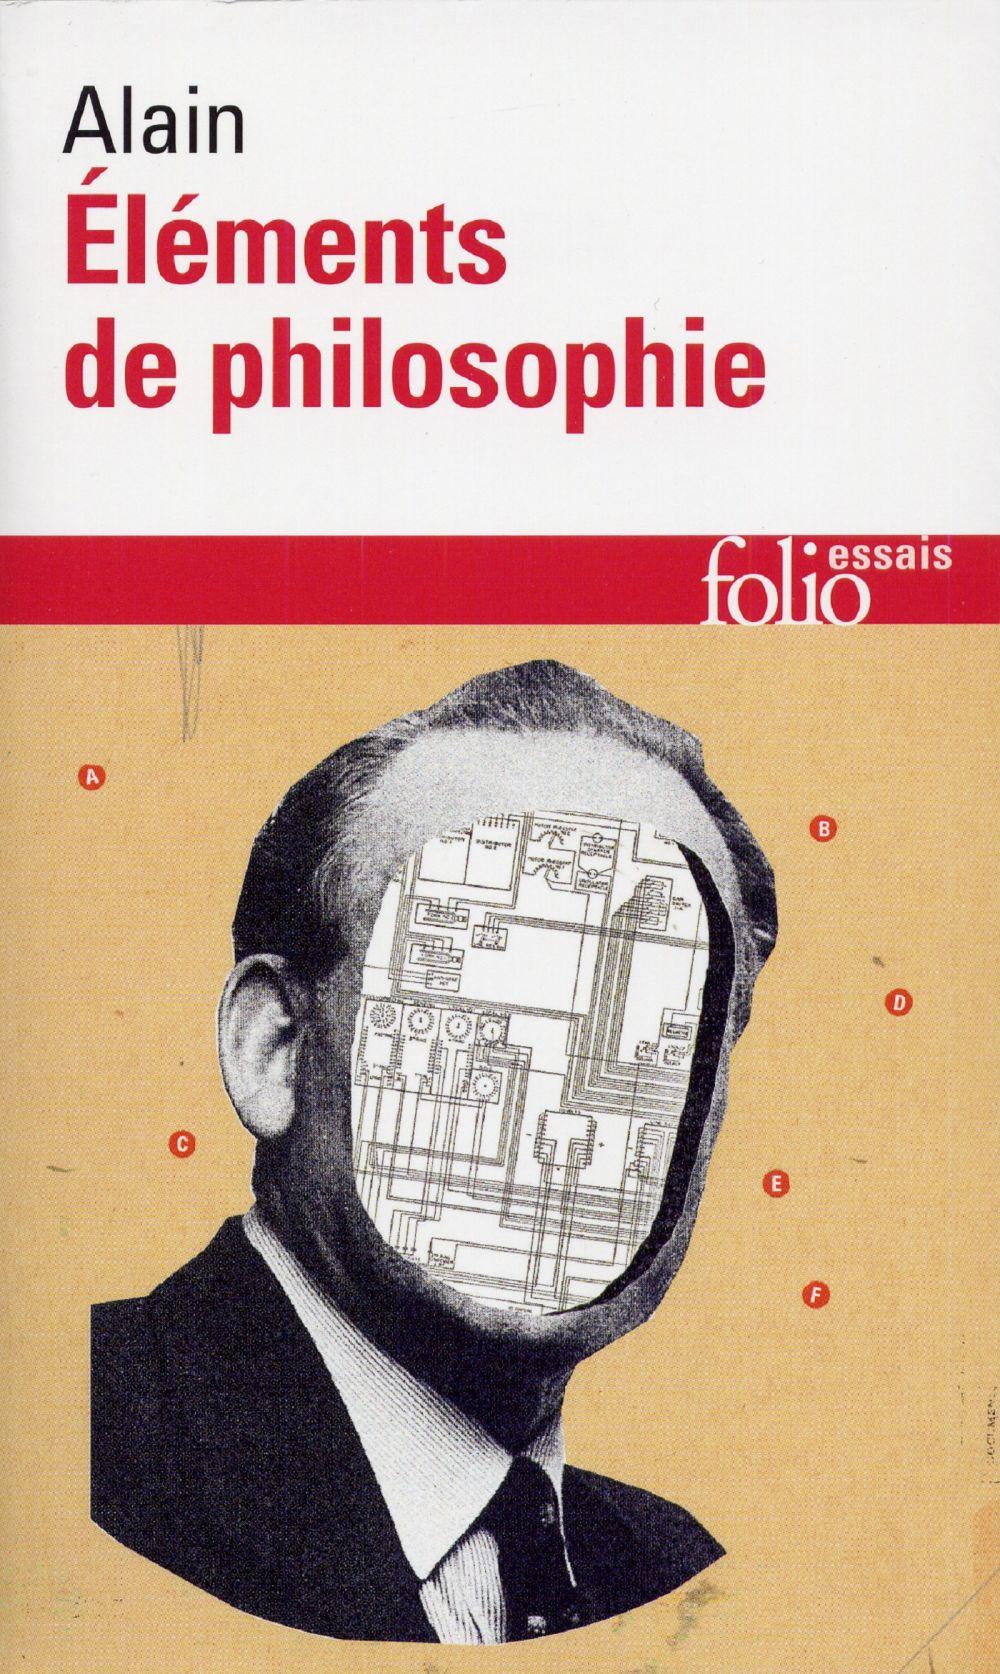 Éléments de philosophie | Alain (1868-1951). Auteur